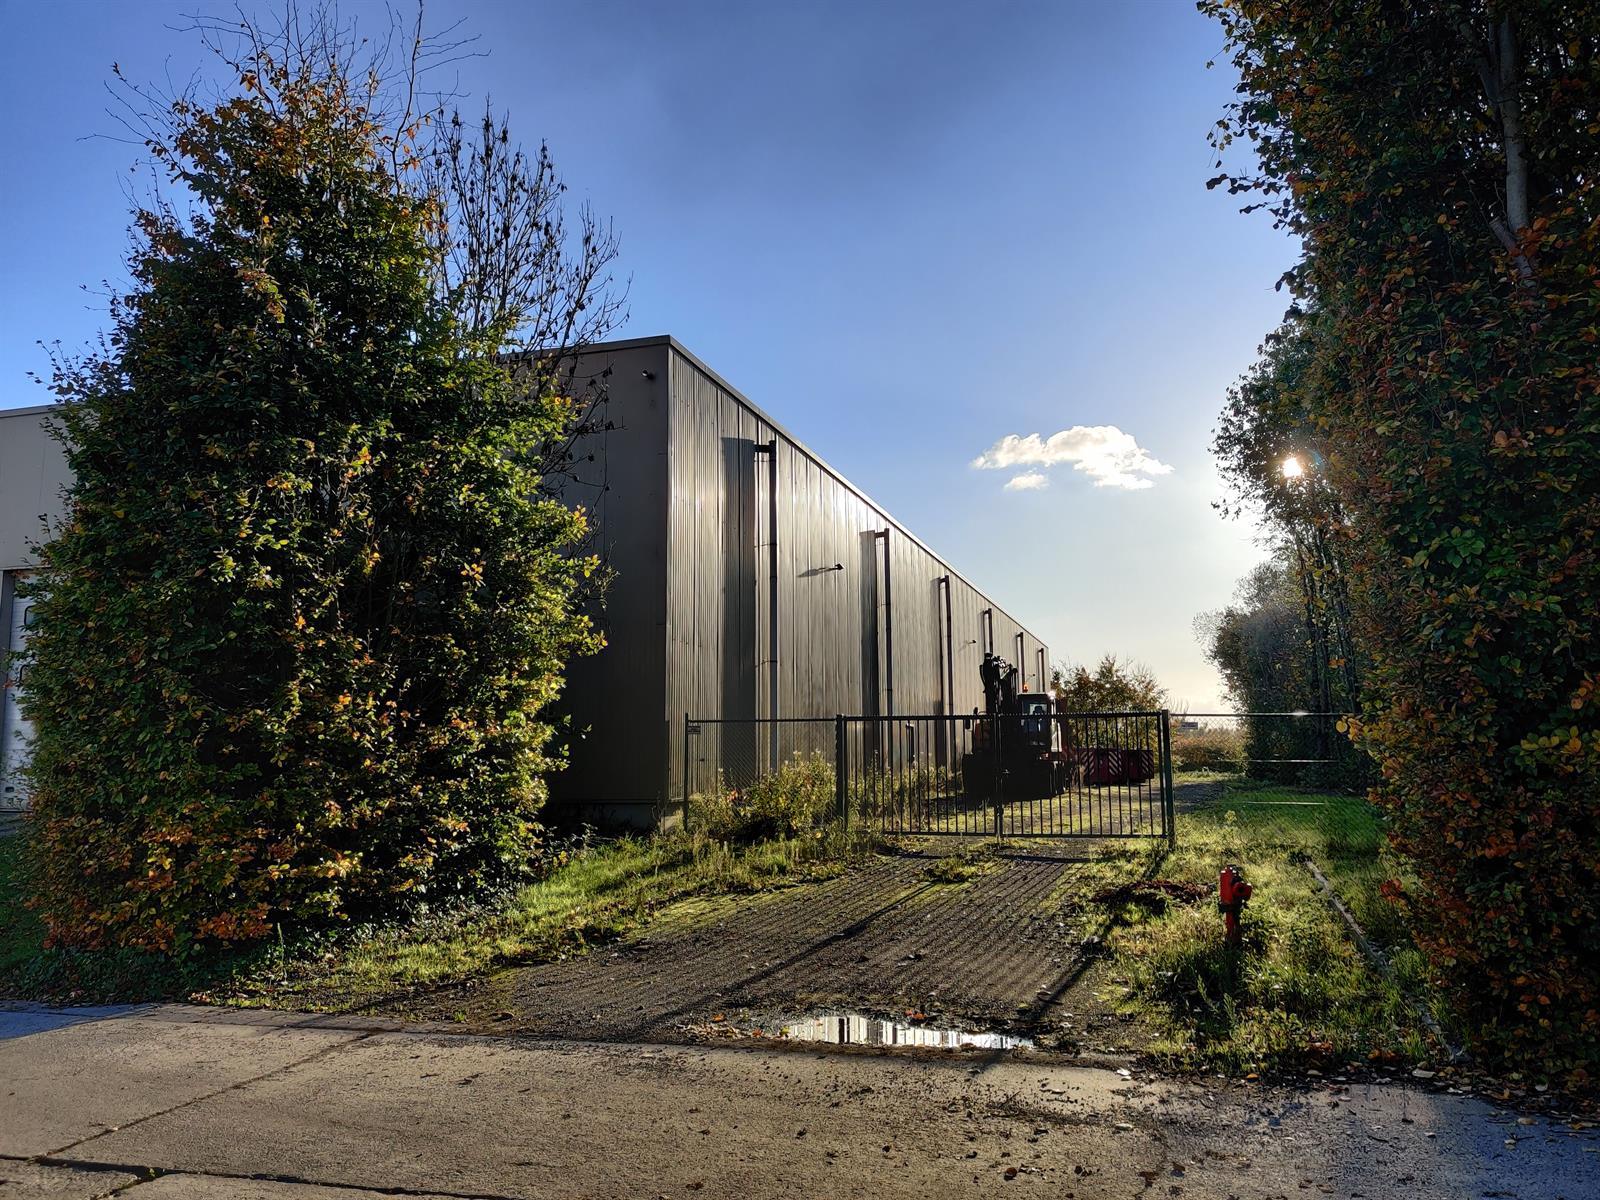 opslagplaats te huur TERHAGEN UNIT 3  MET LOADING DOCK - 2840 Rumst, België 2